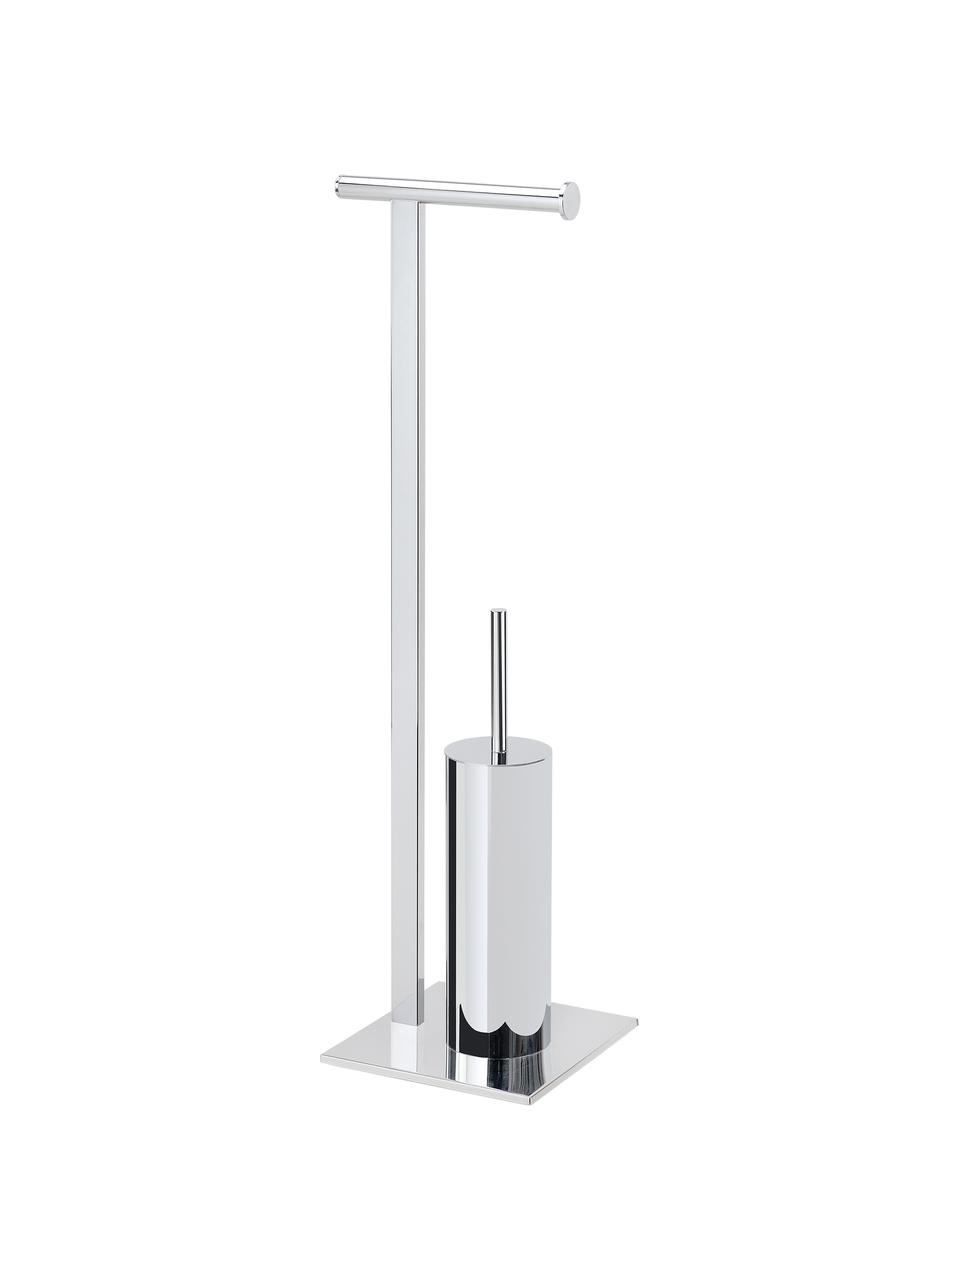 Toilettenpapierhalter Blendon mit Toilettenbürste, Metall, Metall, 20 x 72 cm